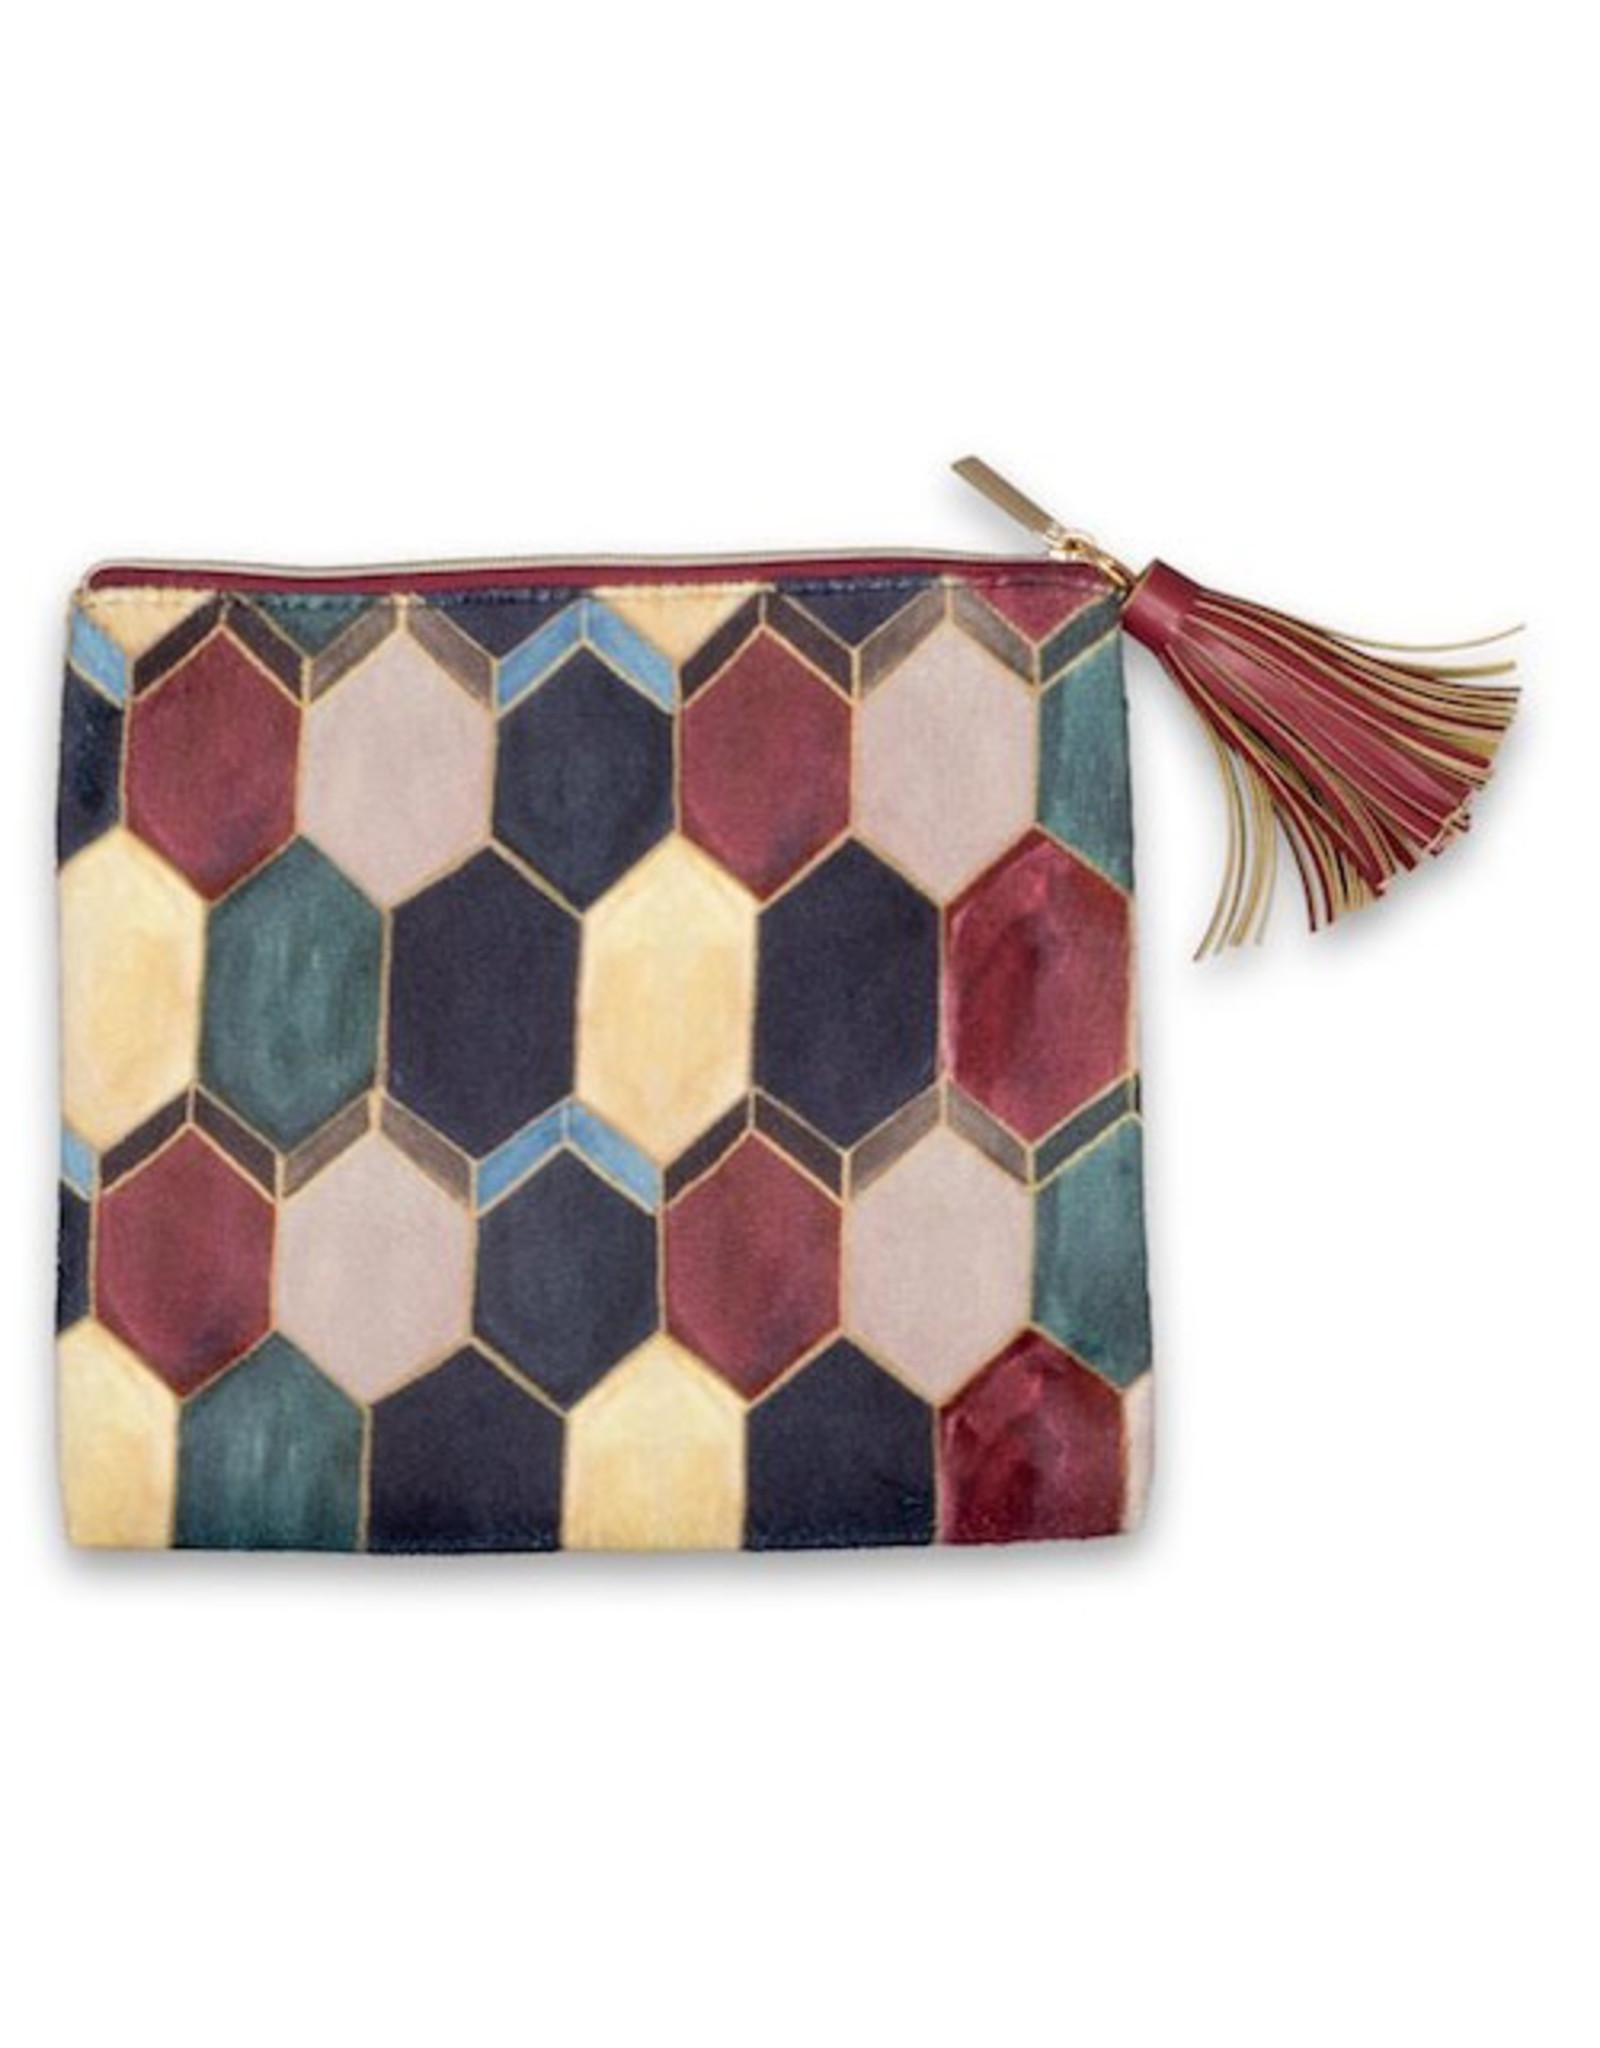 Brownlow Gifts Fashion Bag